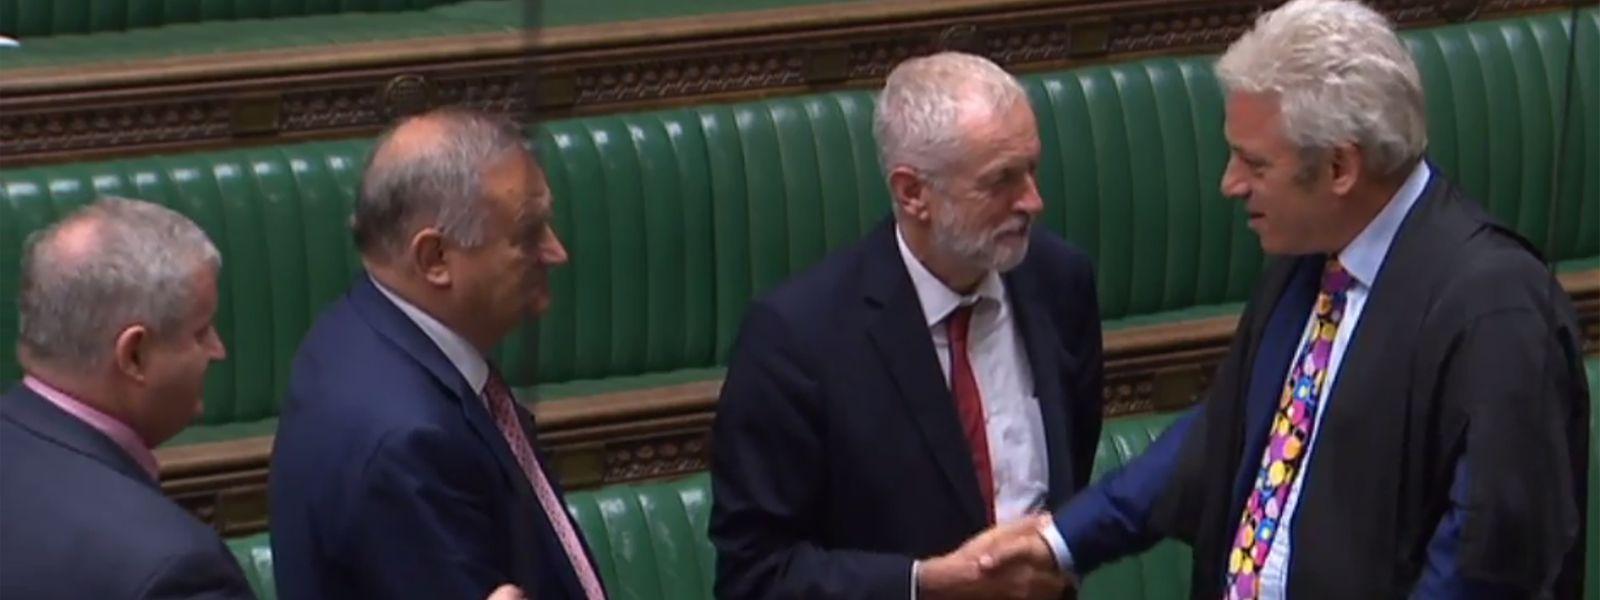 Die britischen Abgeordneten sagen dem Mister Speaker Adieu.